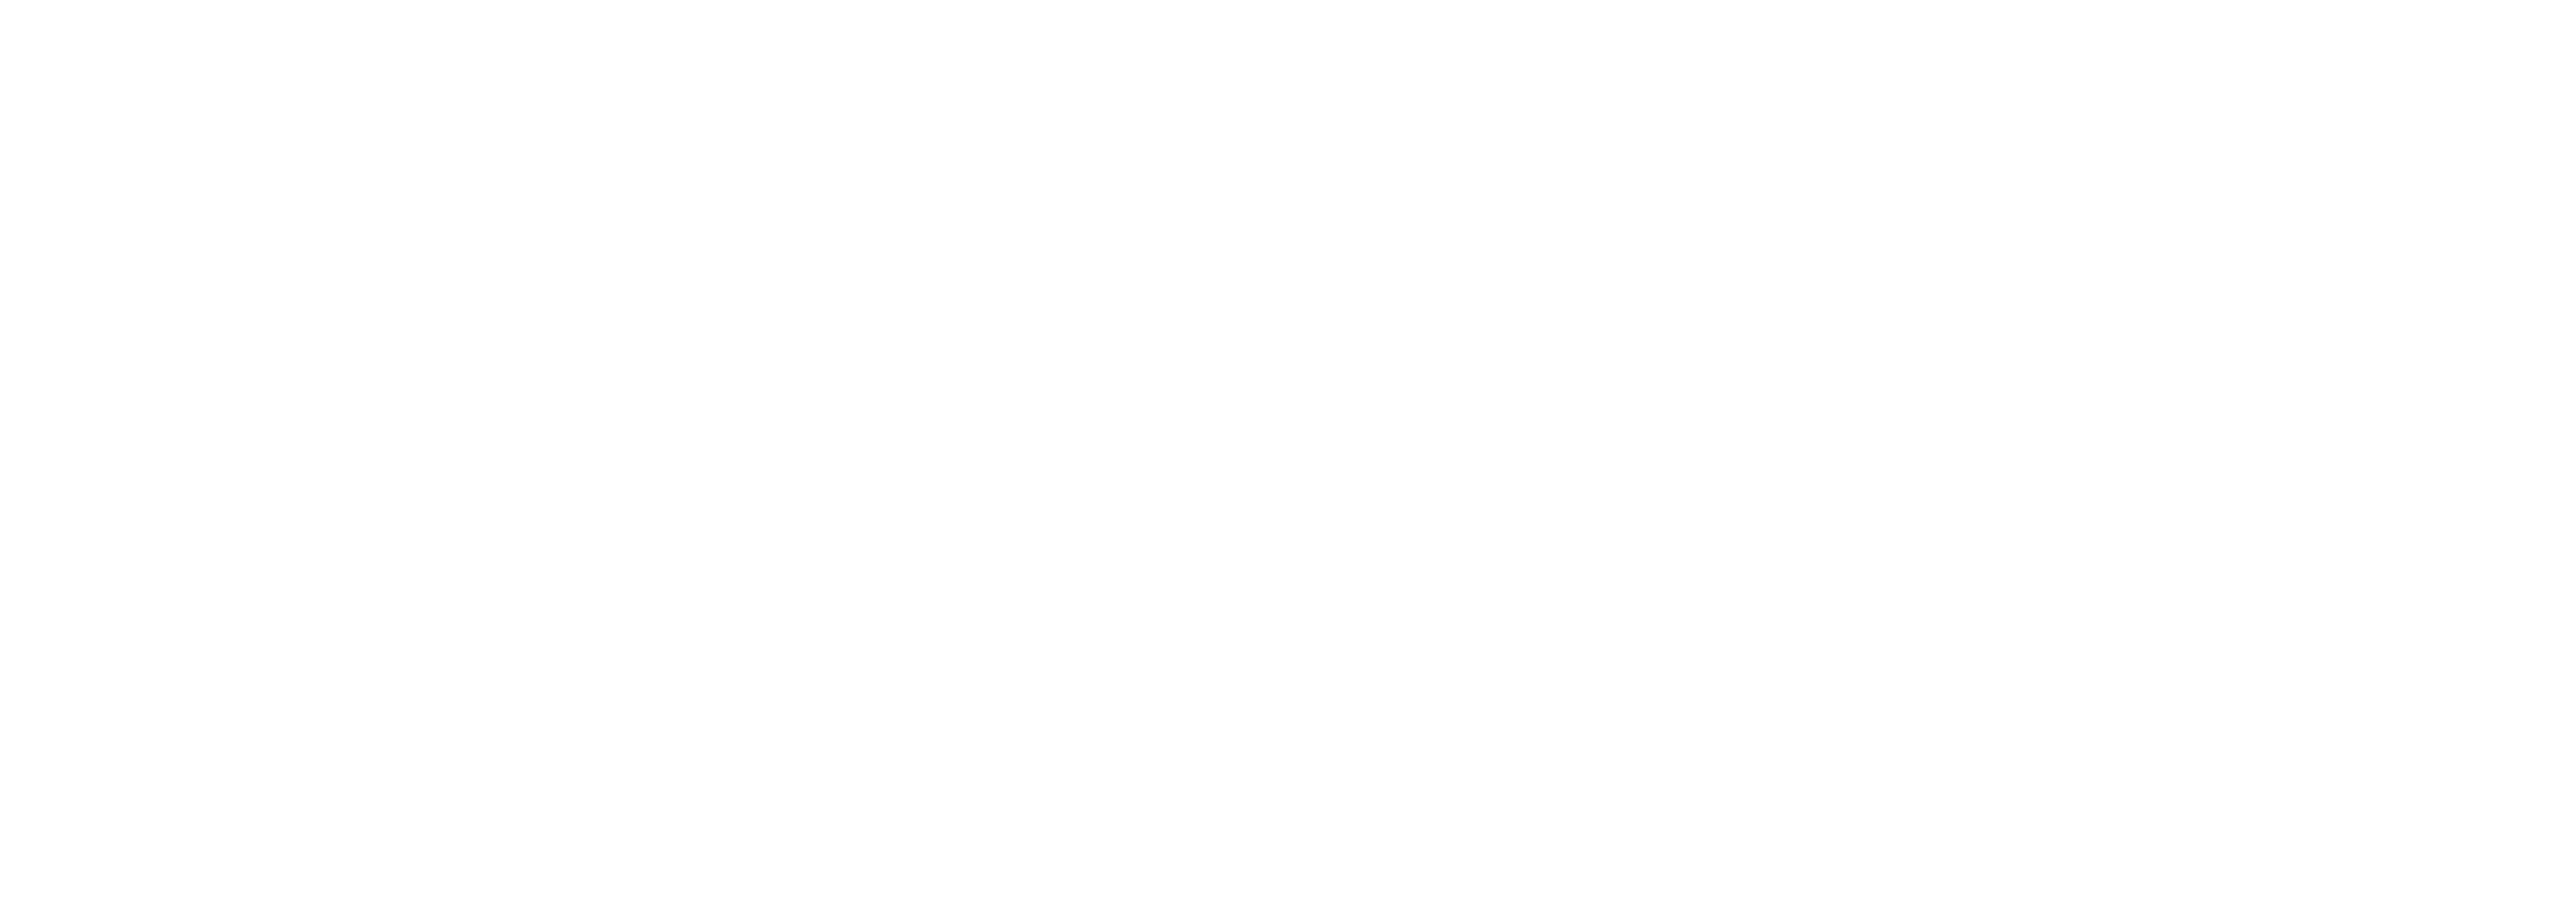 The Gardener's Cafe logo